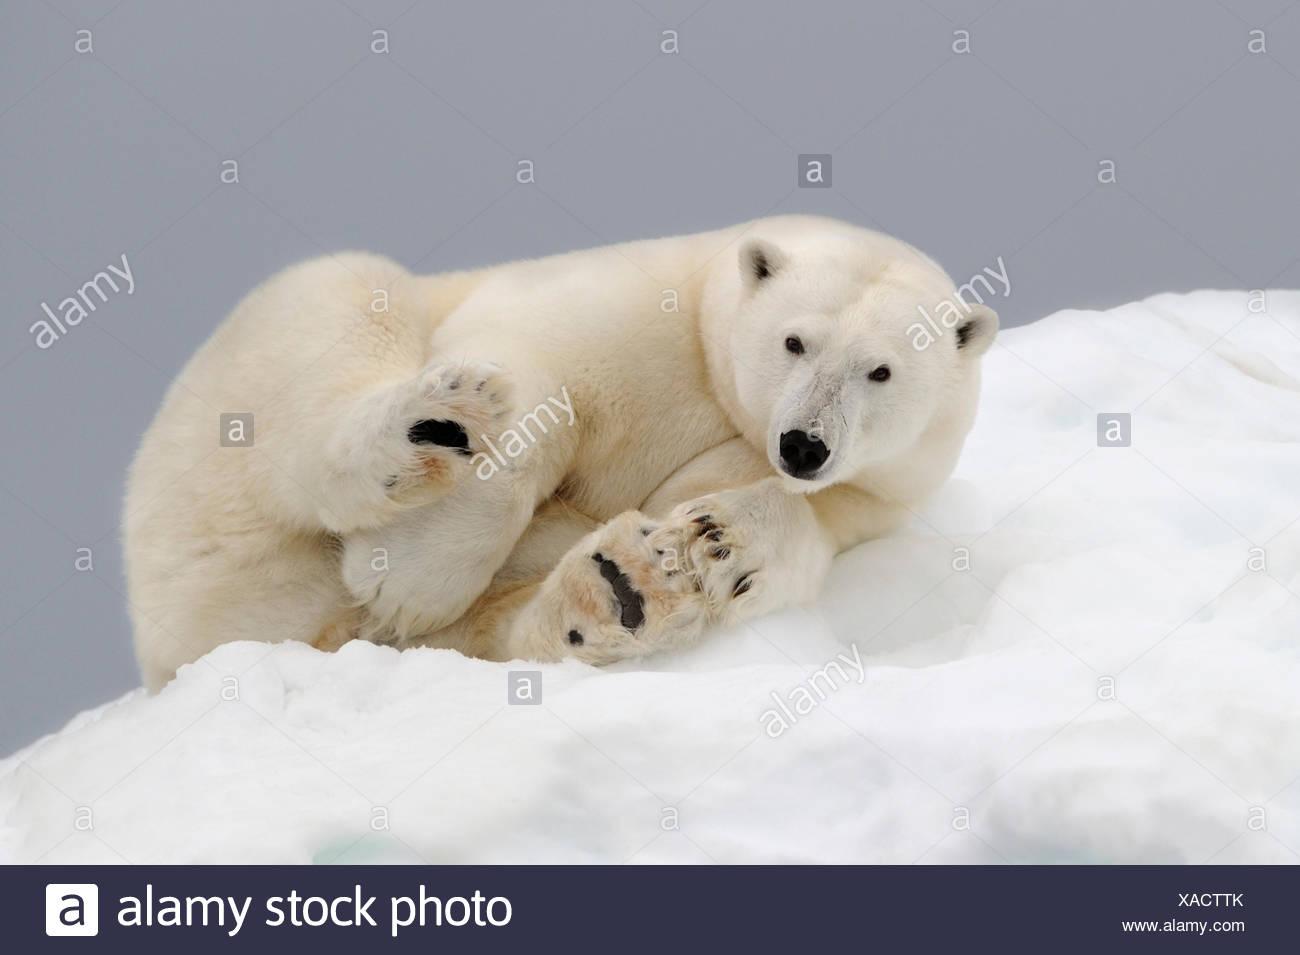 Orso polare (Ursus maritimus) appoggiato su ghiaccio. Svalbard, Norvegia. Specie in via di estinzione. Immagini Stock